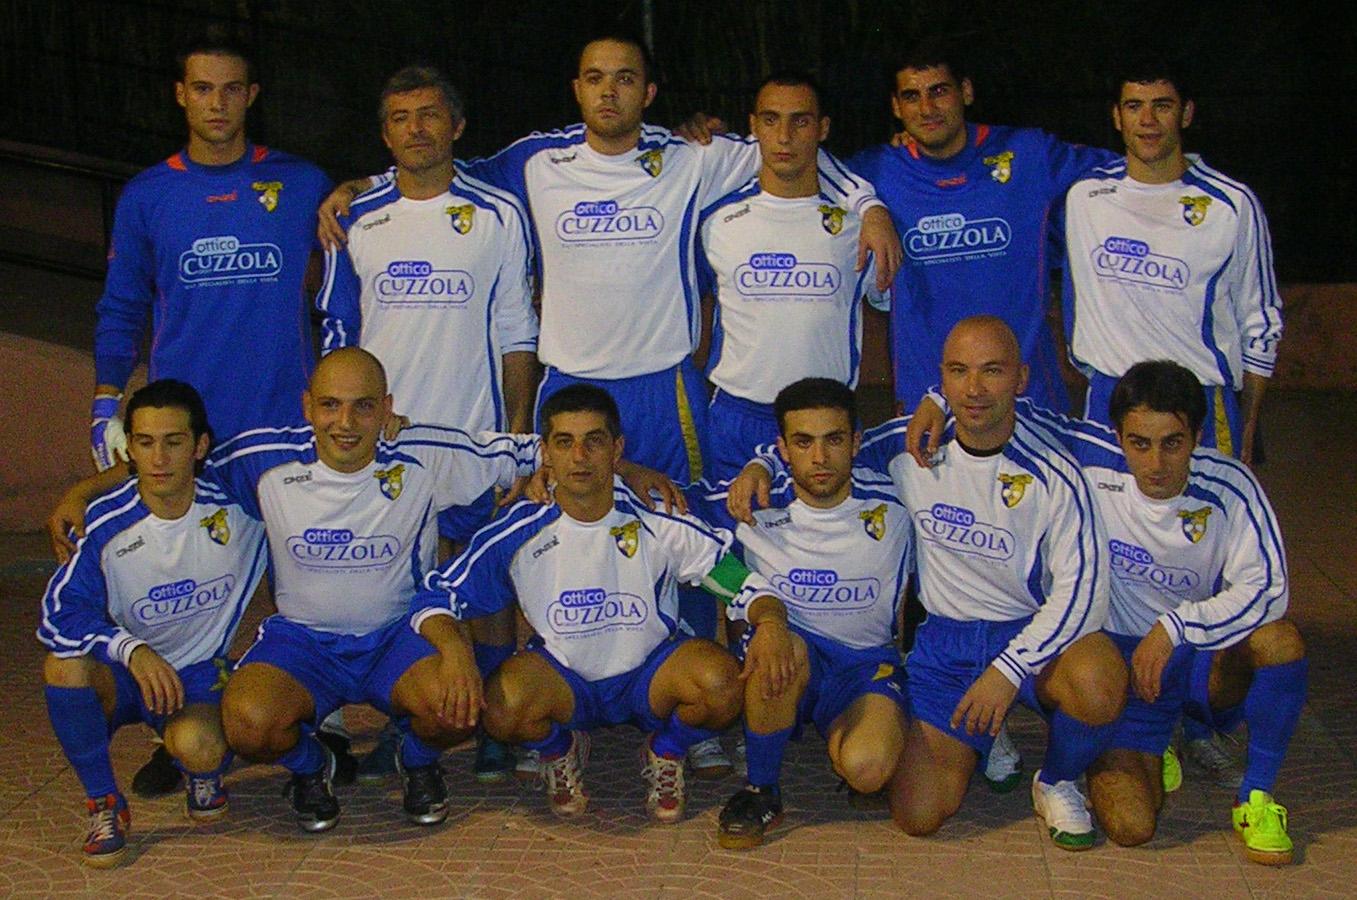 Calcio in Calabria, Borgo Melitese in Promozione/E finalmente ...